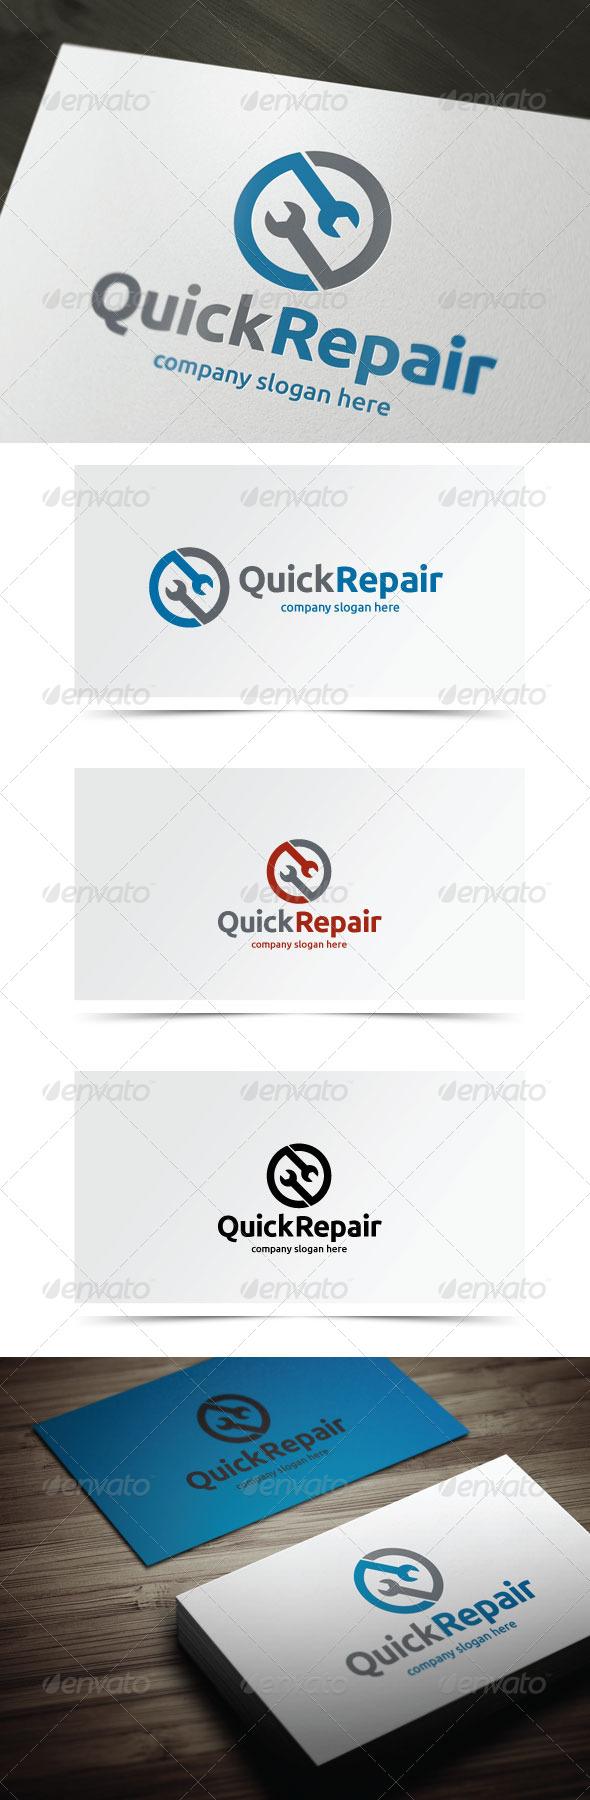 GraphicRiver Quick Repair 6418099